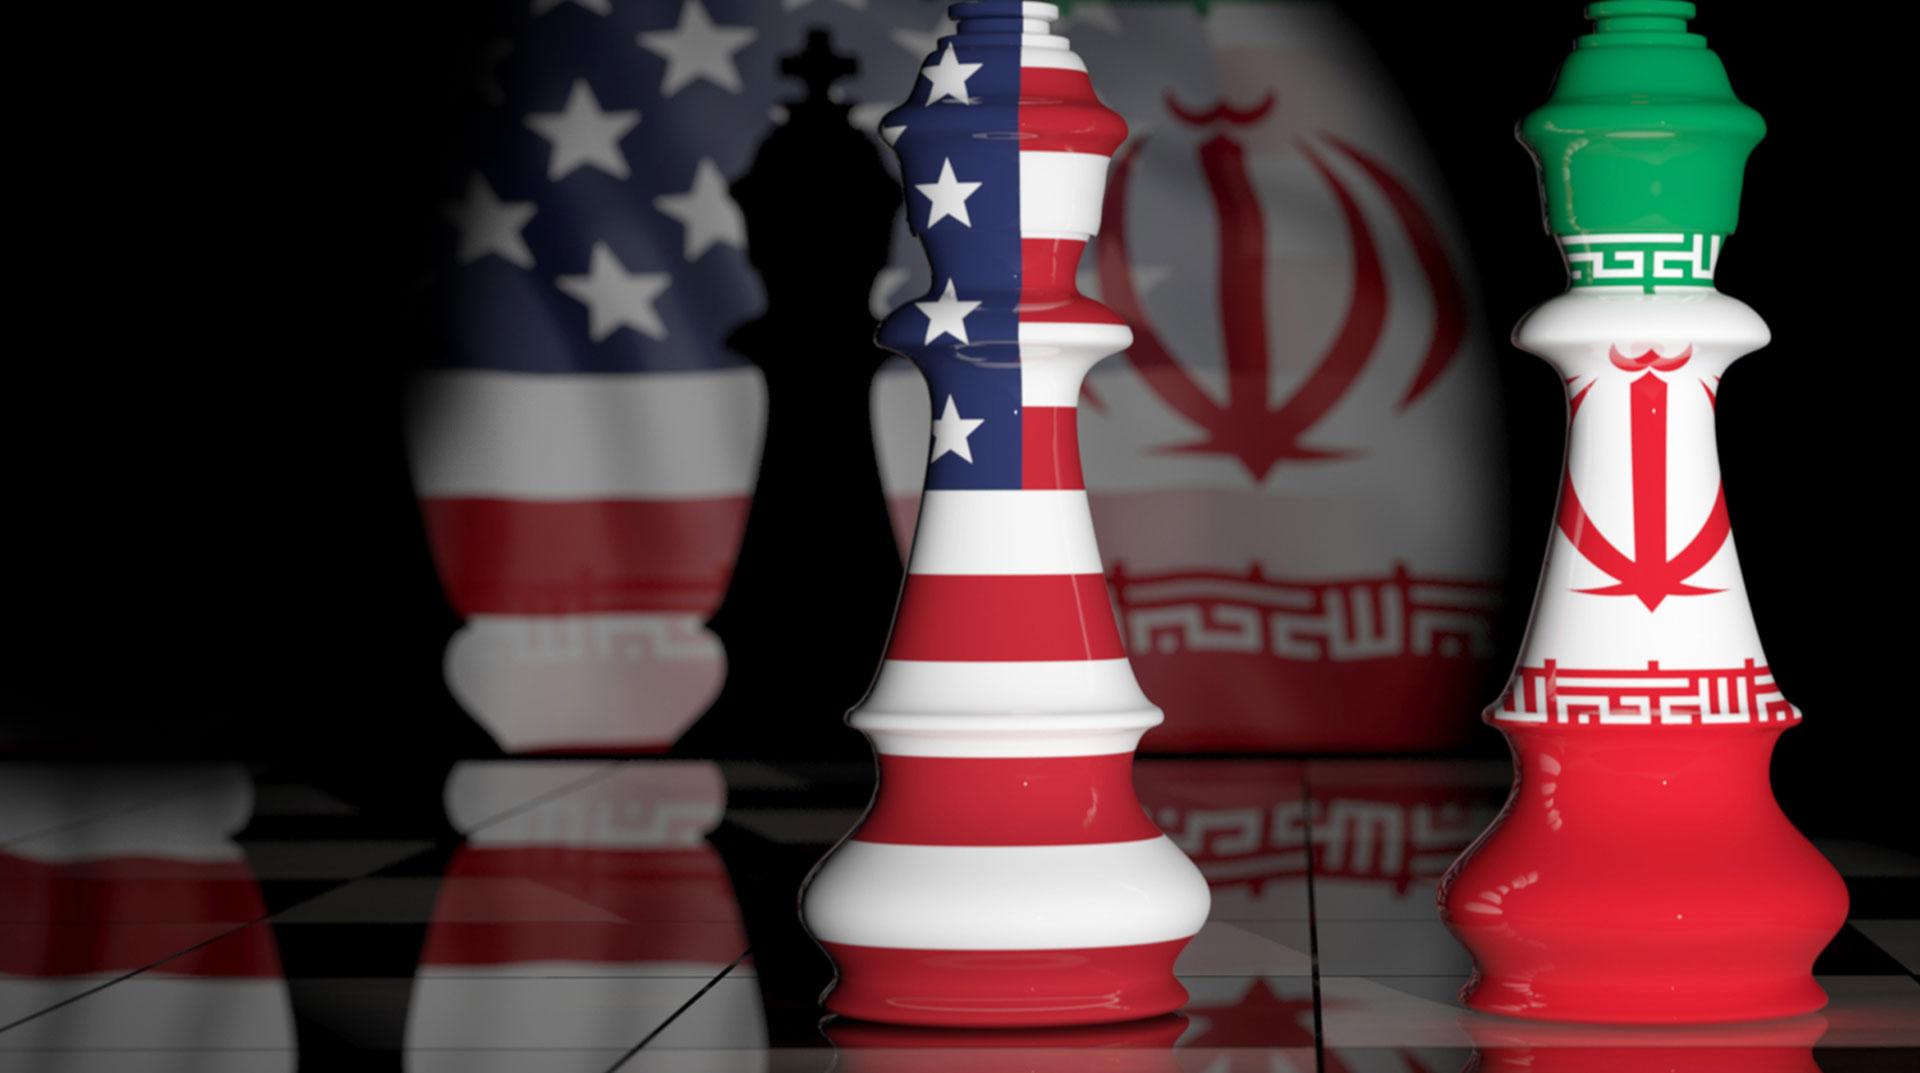 İran-ABD Arasında Neler Oluyor? Hamaney'in Twitter Hesabına Ne Oldu?